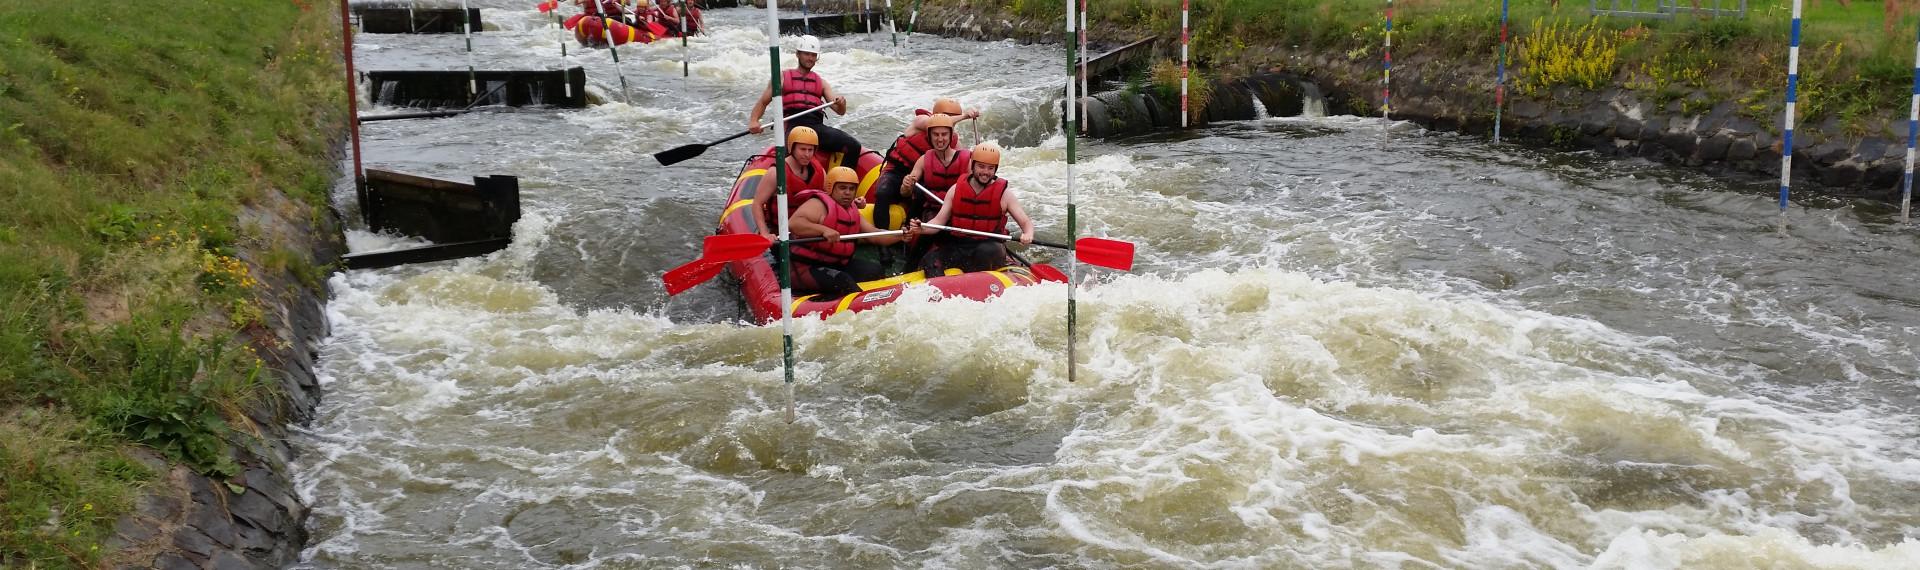 White Water Extreme Rafting Prague